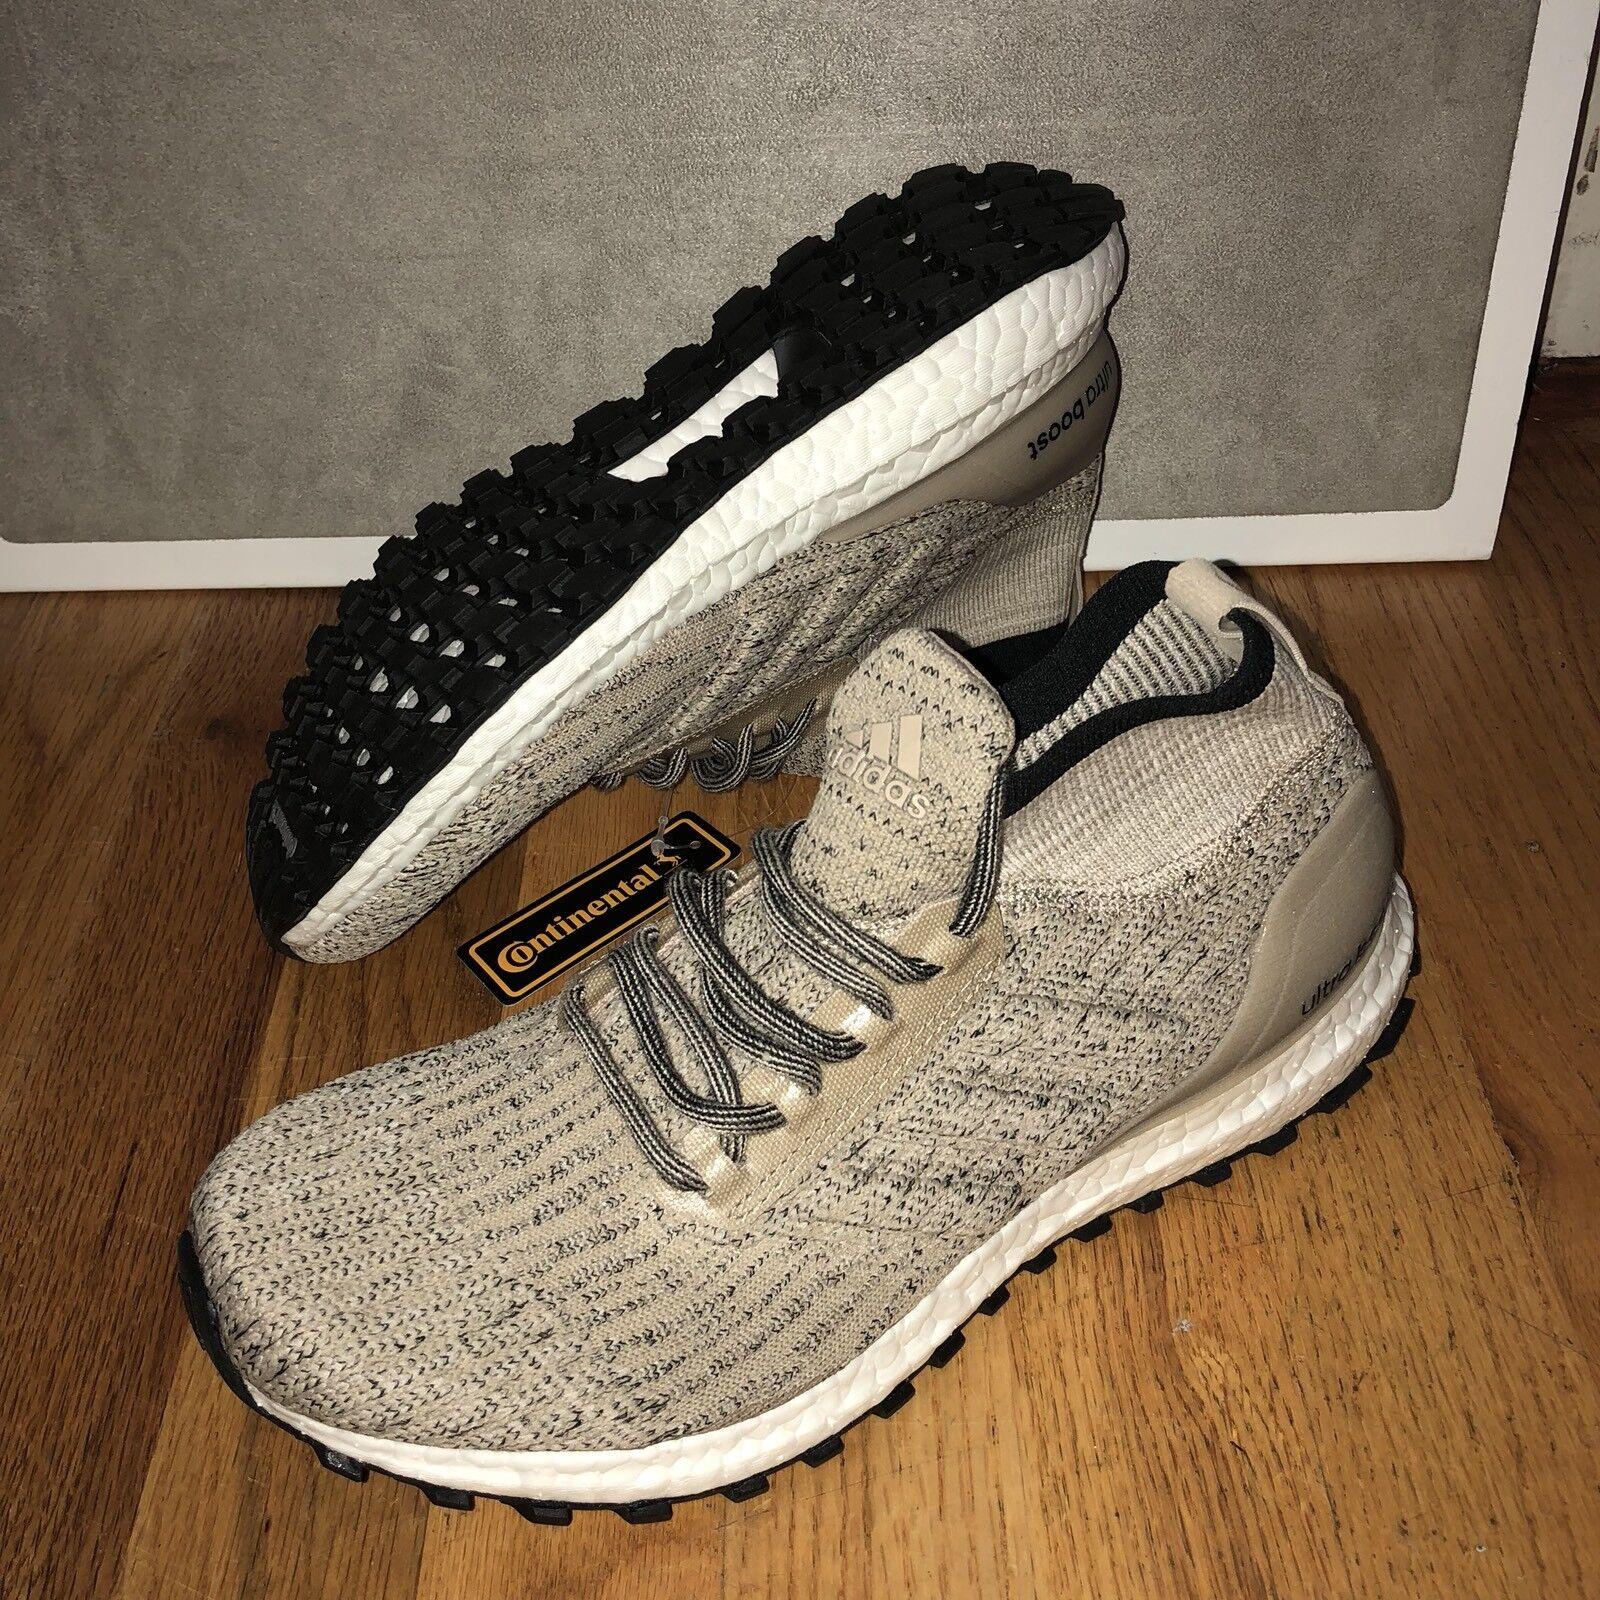 Adidas Ultra Boost All Terrain LTD Mid Khaki CG3001 Mens shoes Size 7 New In Box